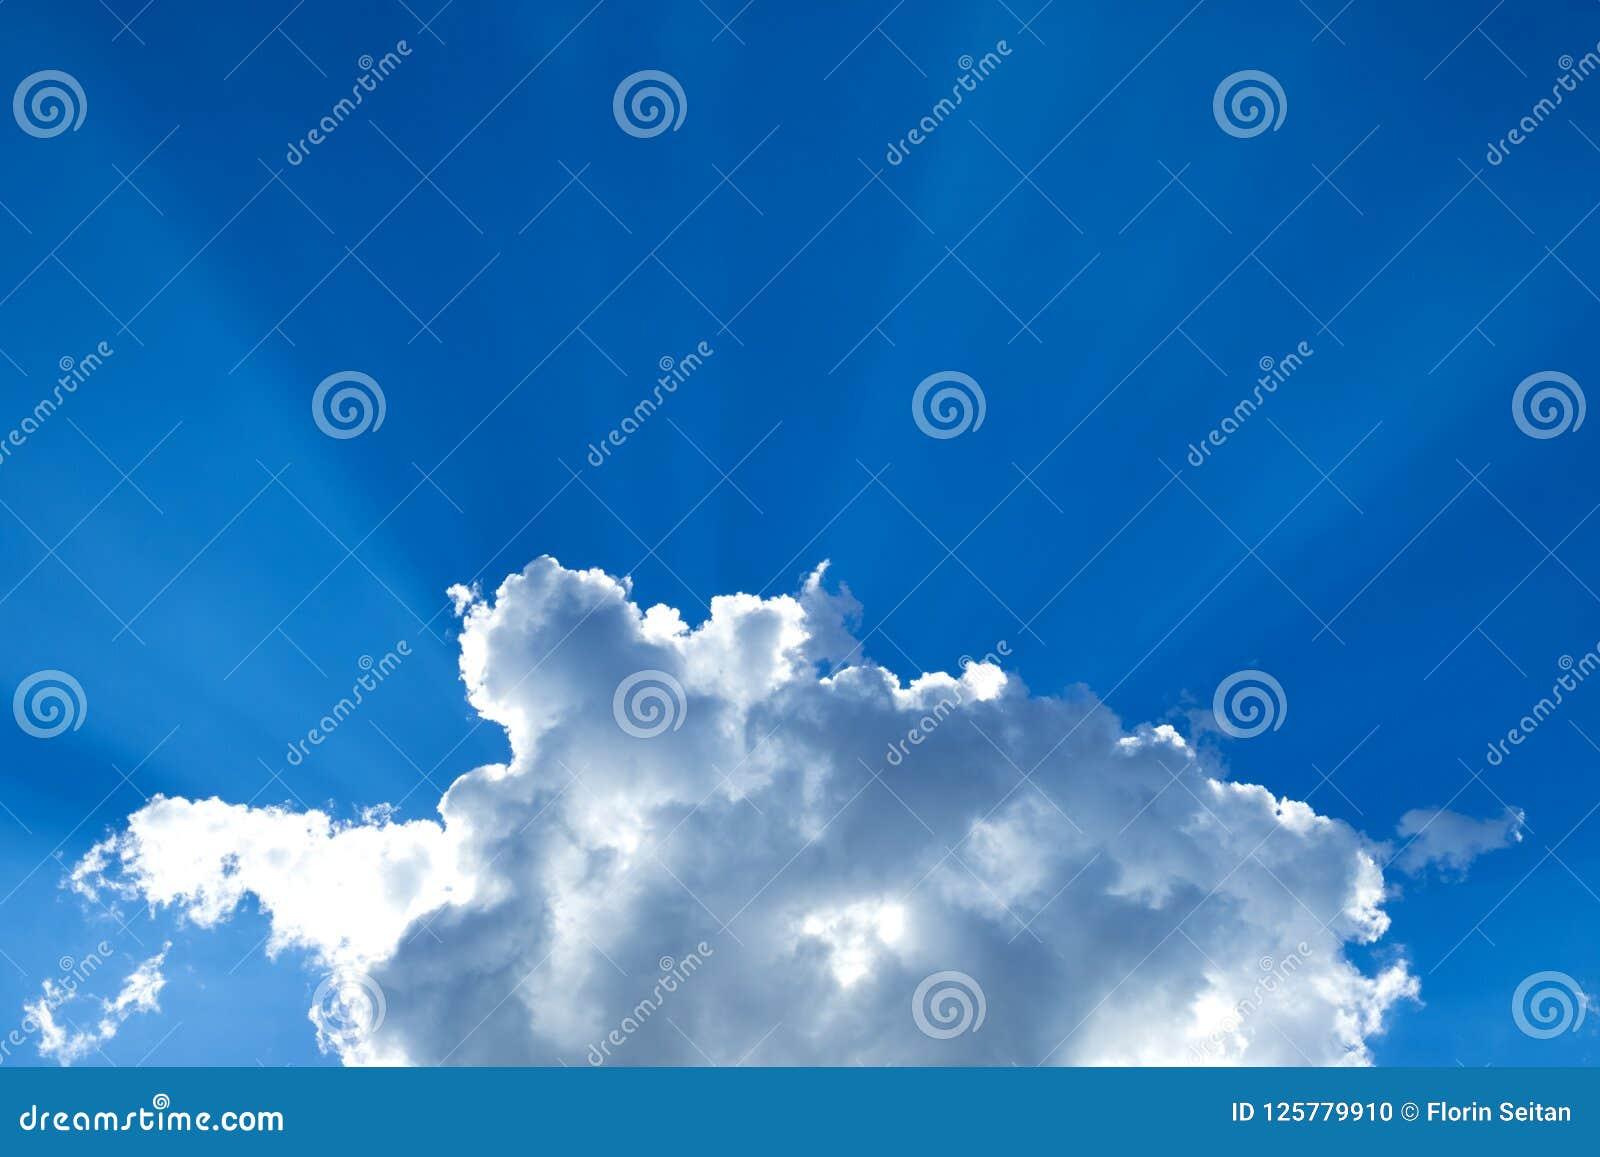 Ακτίνες ήλιων που σπάζουν μέσω ενός σύννεφου σωρειτών